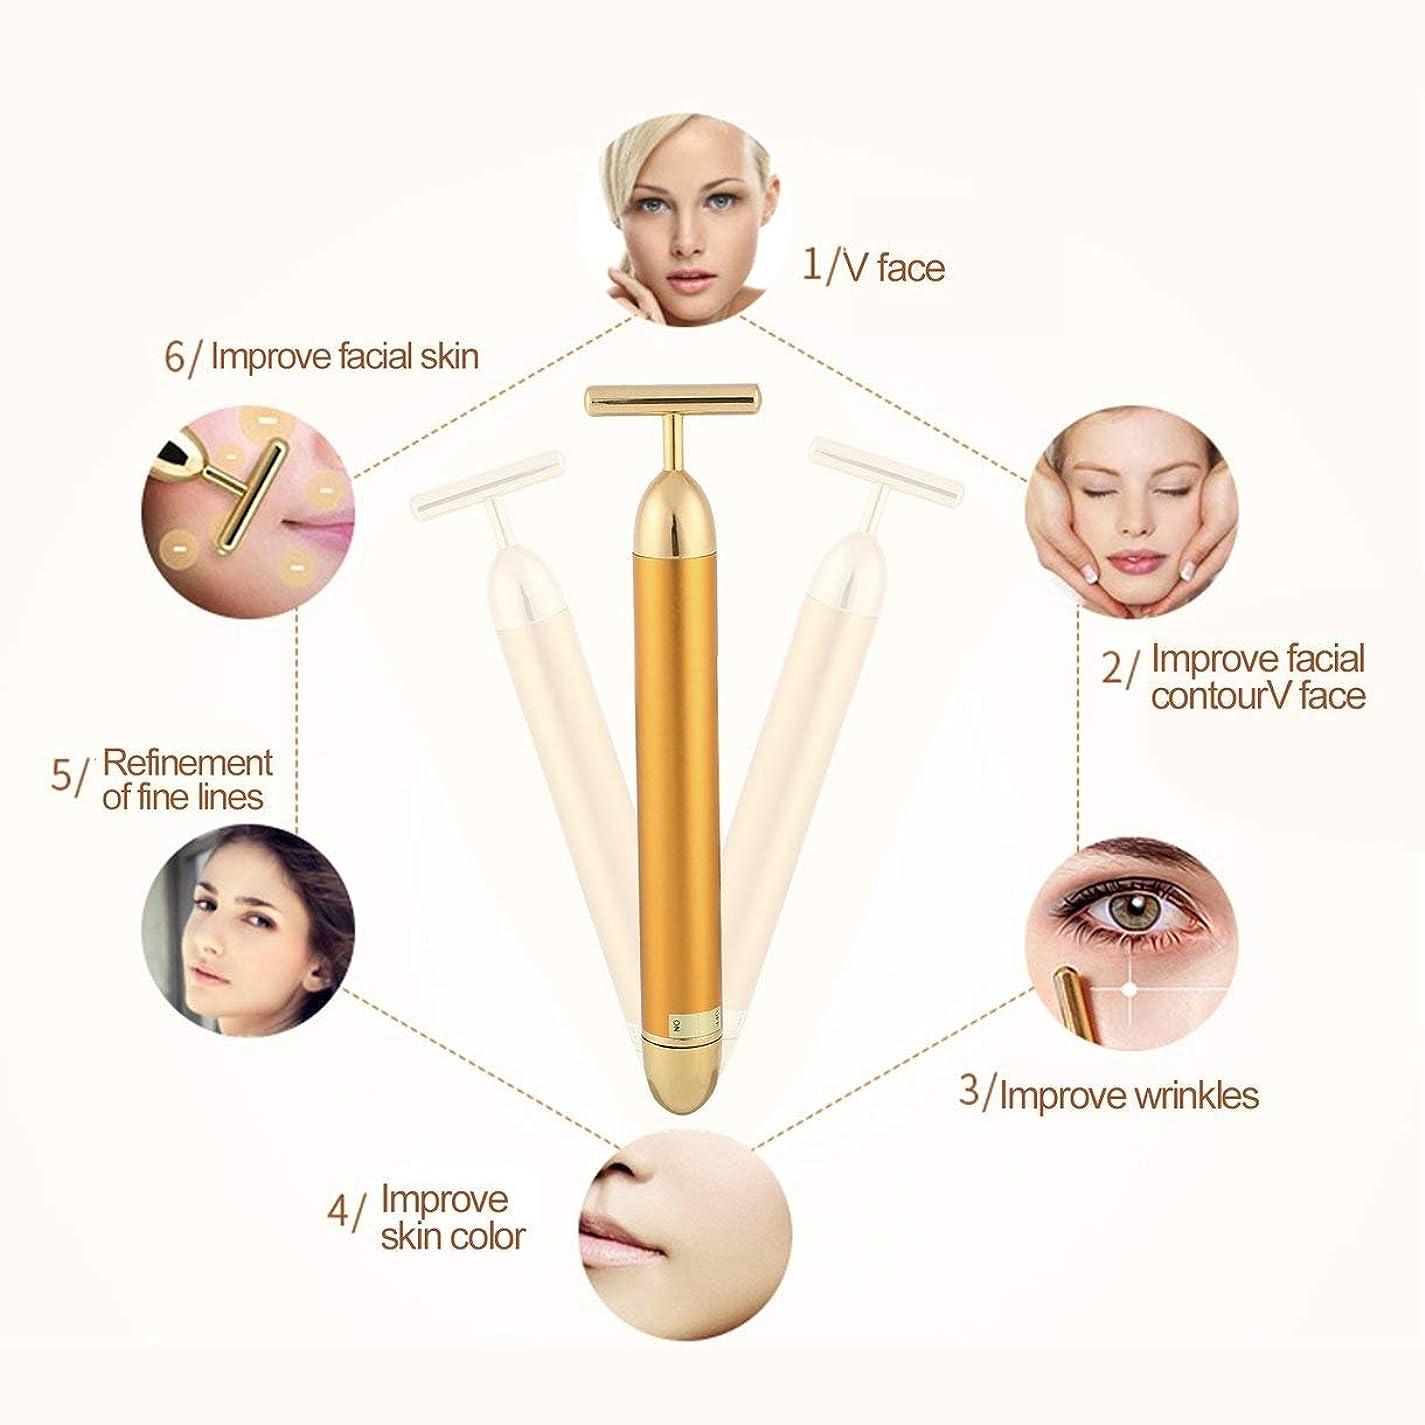 墓弁護人しがみつくEnergy Beauty Tool Facial Massager T Shape Facial Beauty Care Vibration Facial Beauty Massager Energy Vibrating Bar